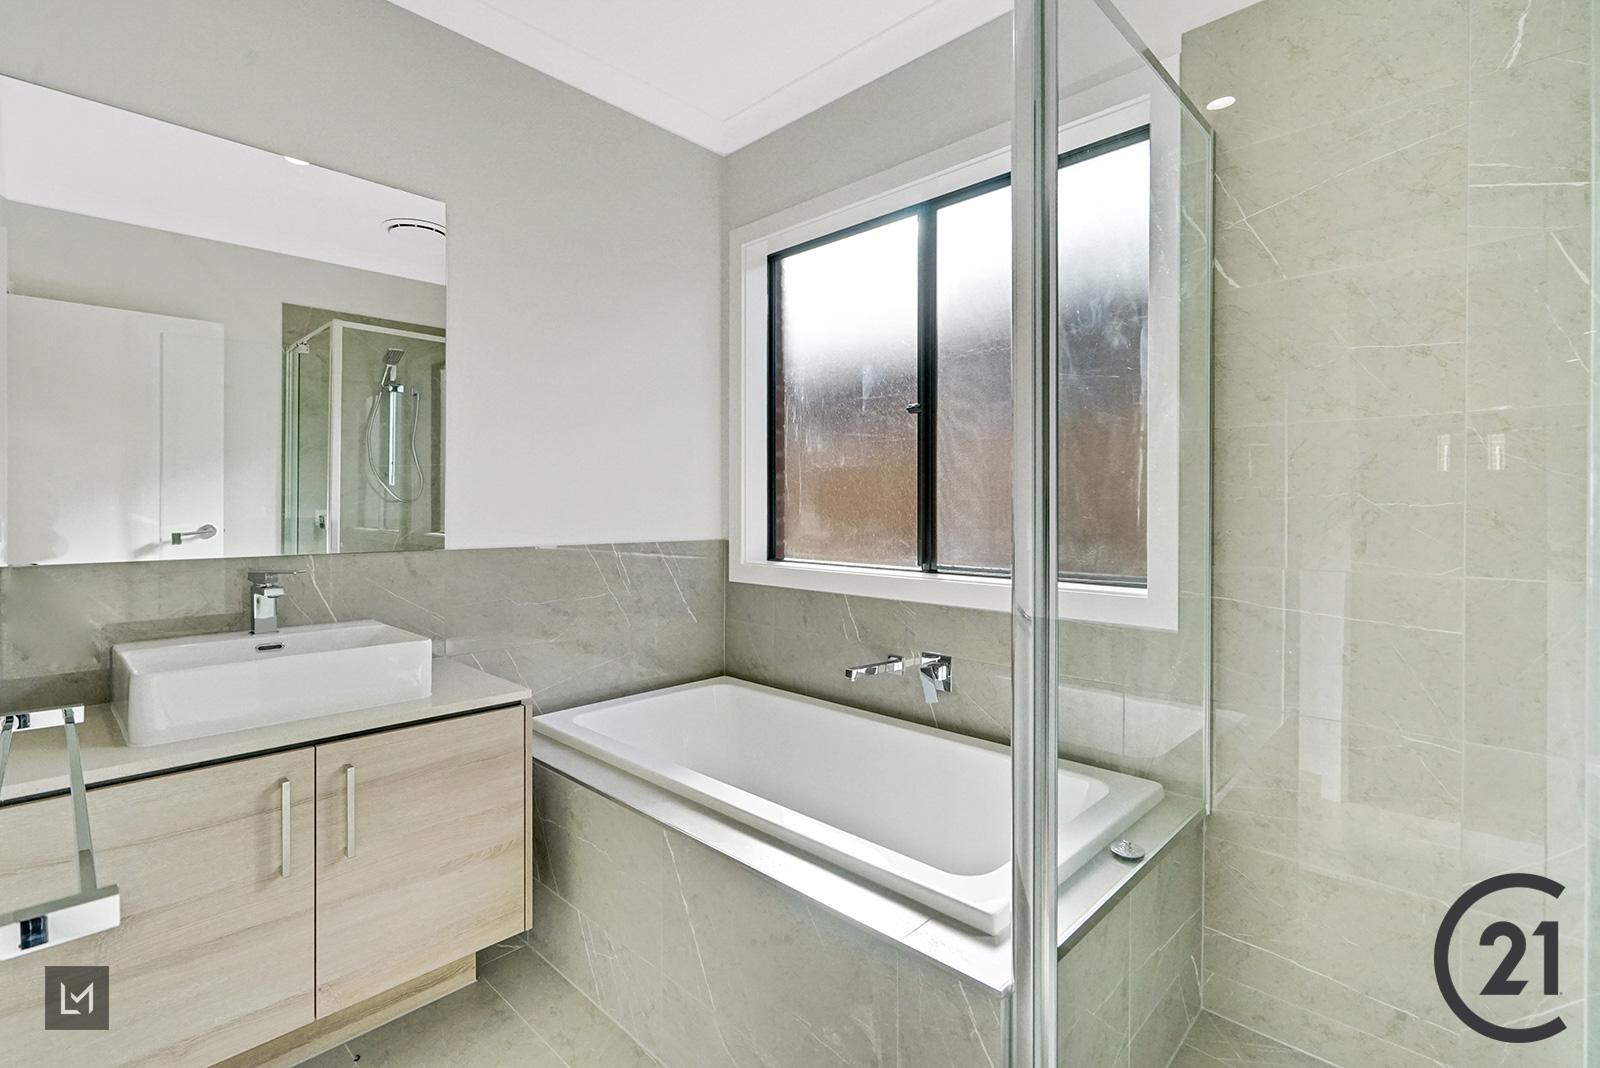 Photo immobilière d'une salle de bain